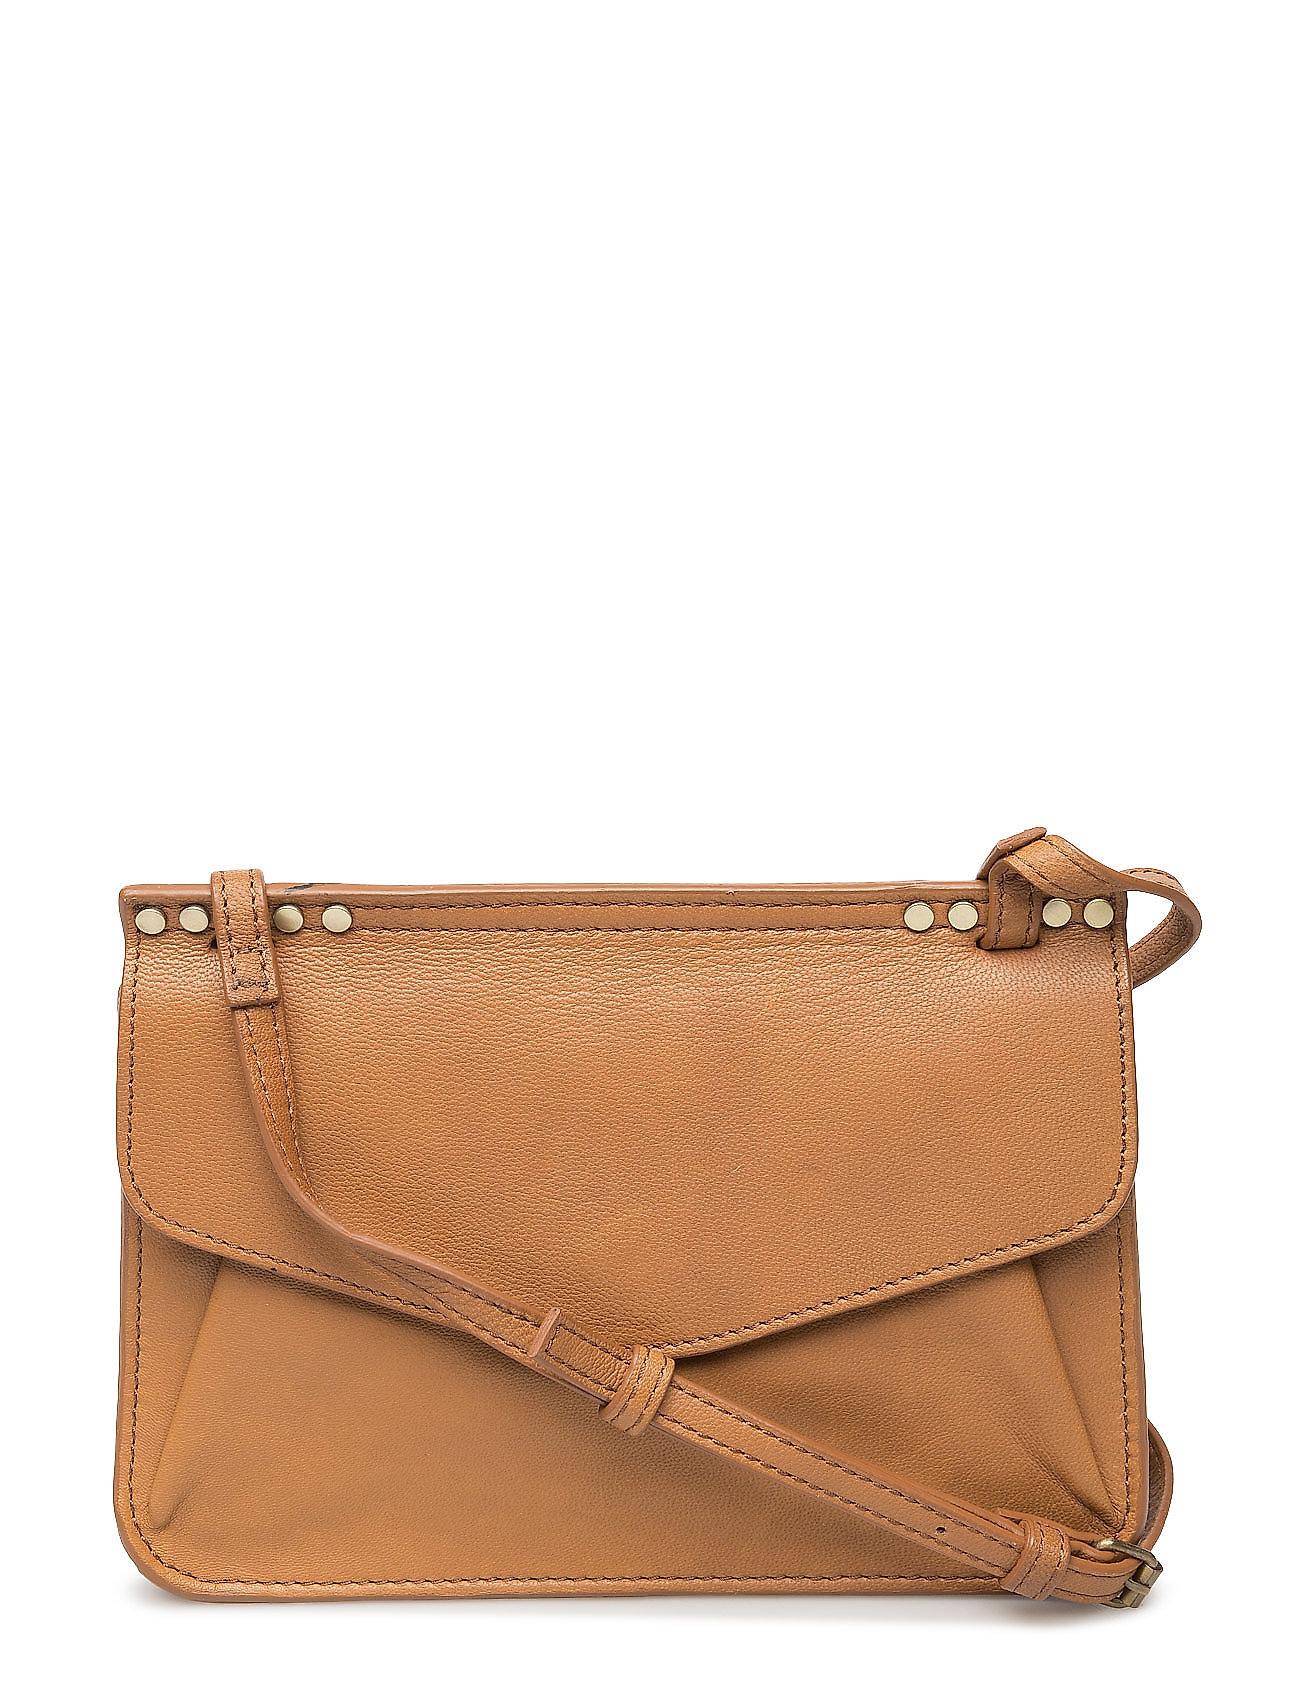 Vienne BECKSÖNDERGAARD Små tasker til Damer i